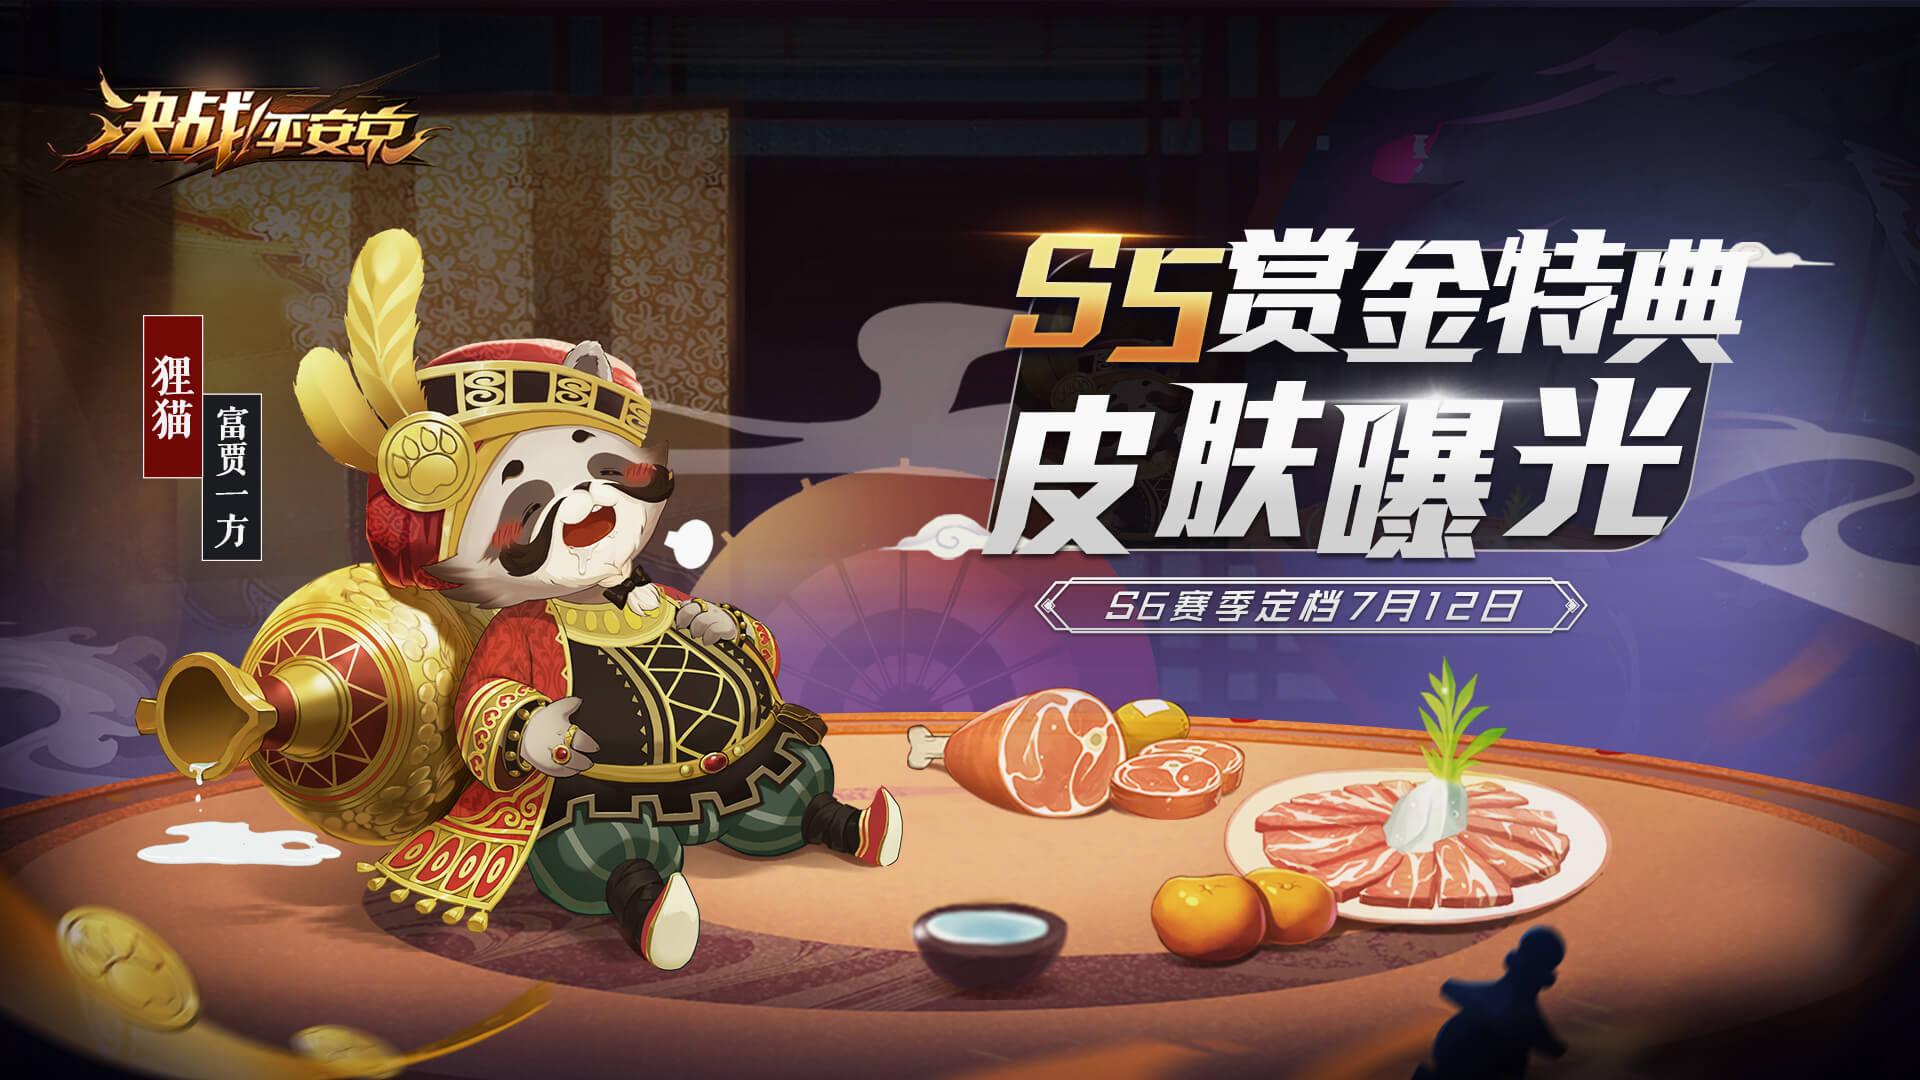 威尼斯人安徽快3下载,《决战!平安京》S6赛季定档7月12日 S5赏金特典皮肤曝光!